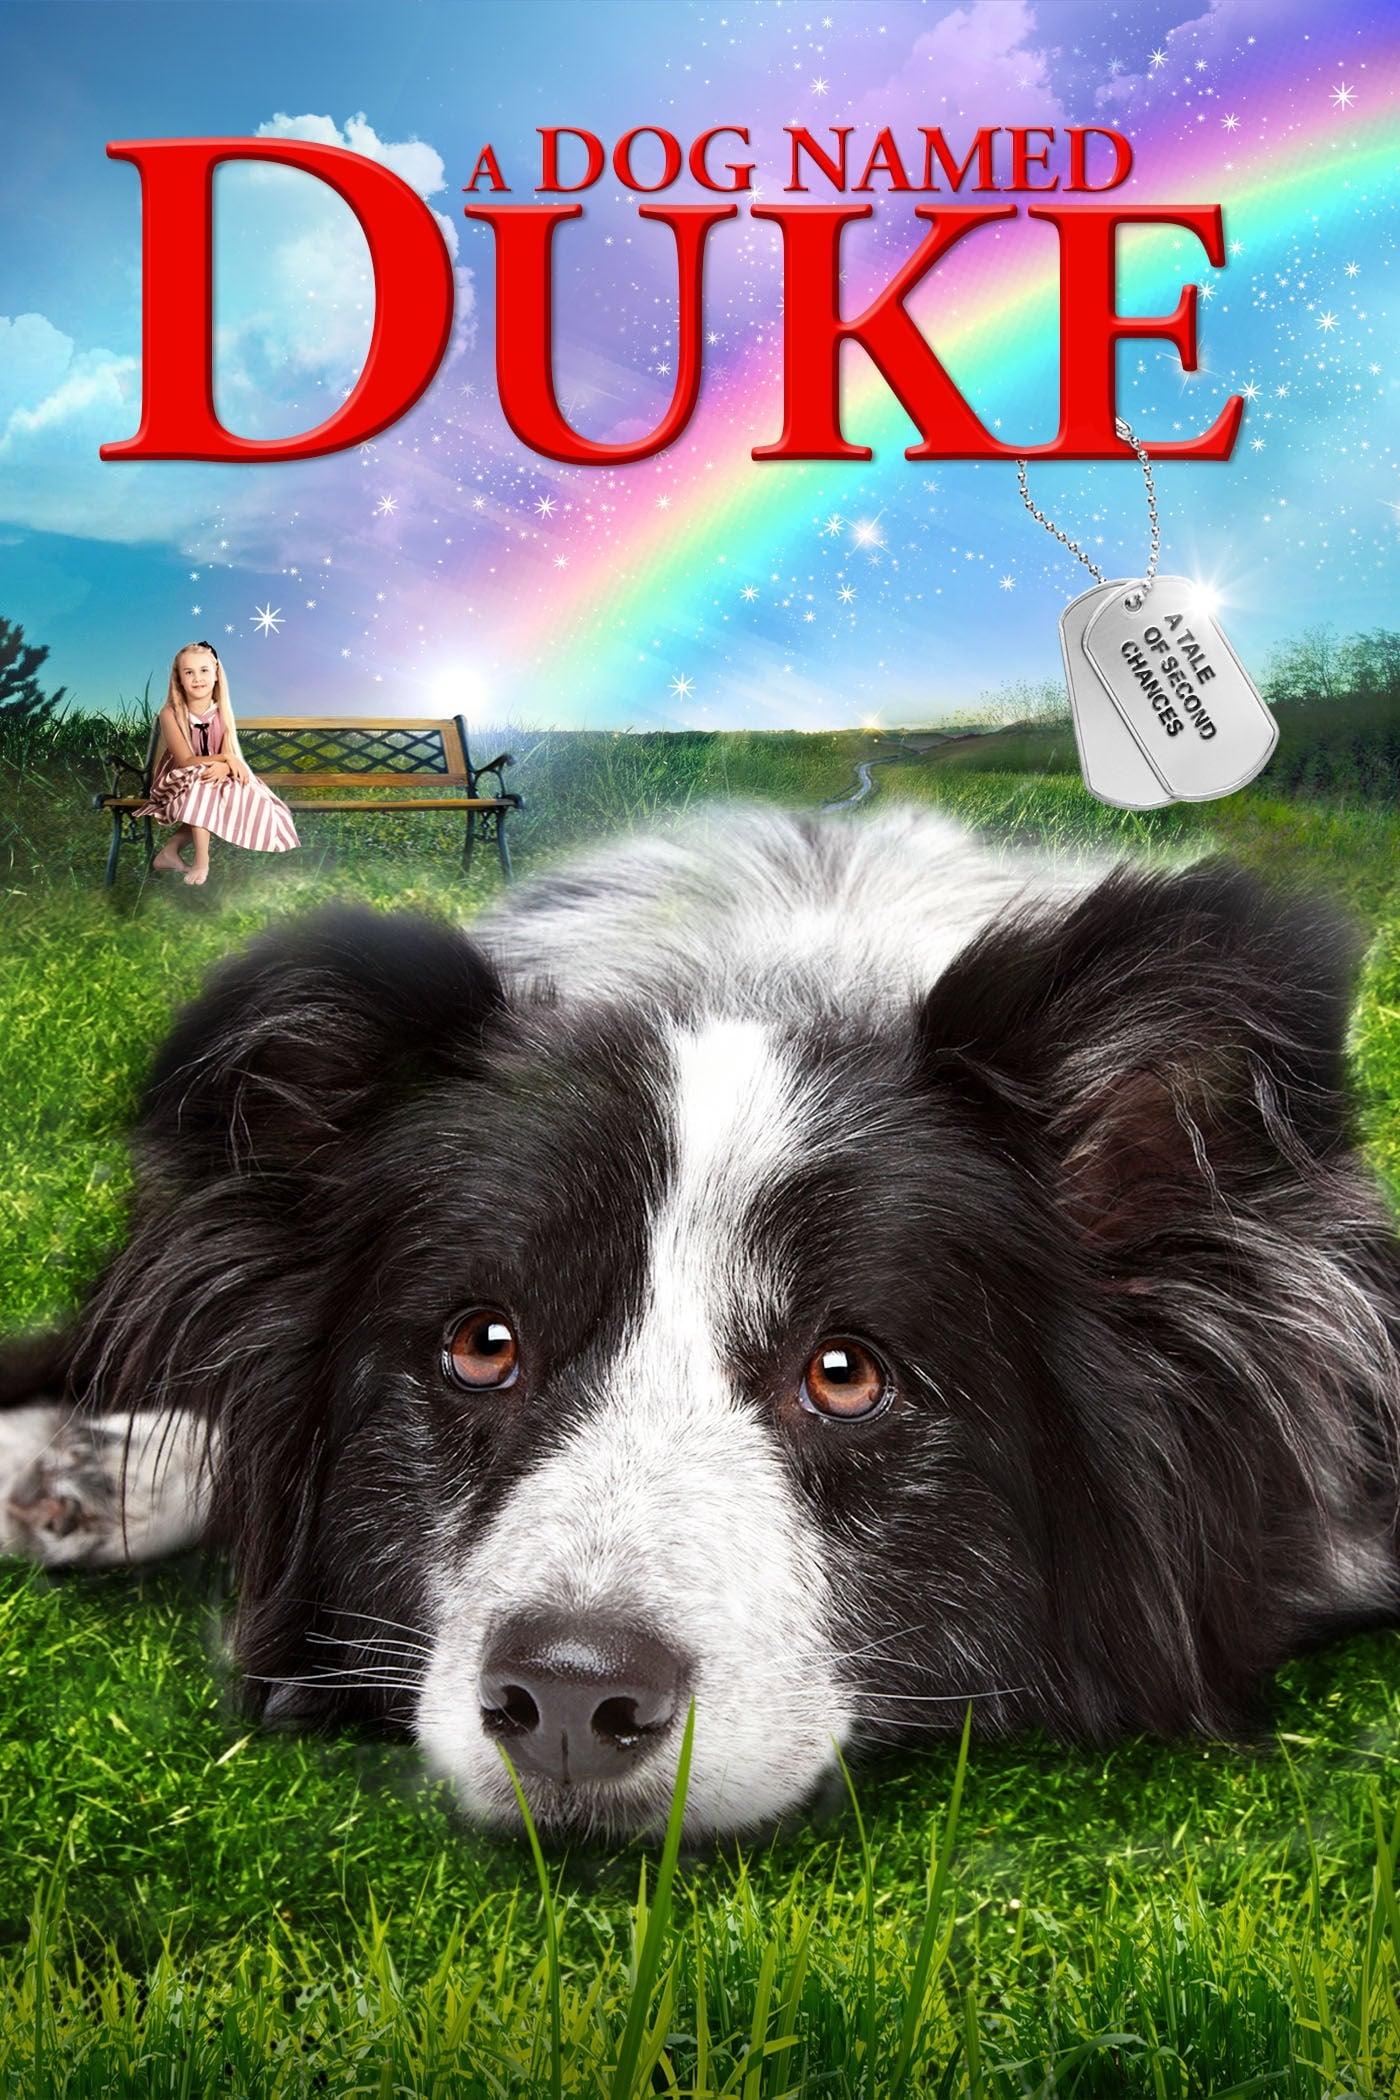 Ein Hund namens Duke